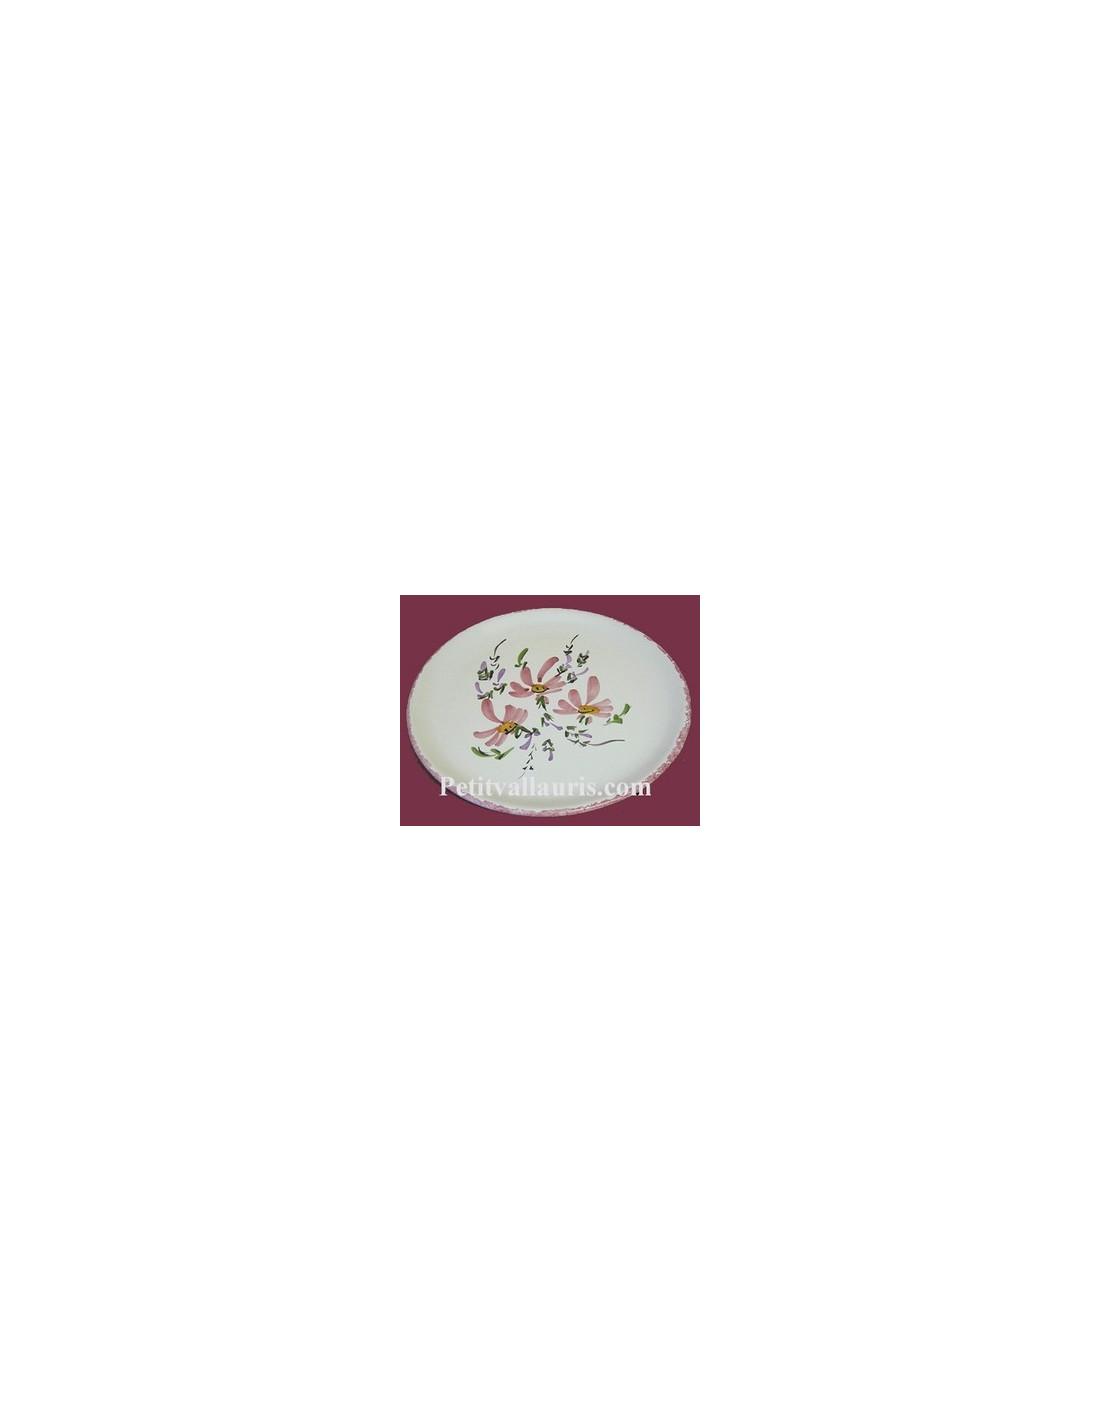 Assiette plate en fa ence d cor fleuri rose le petit for Le petit vallauris